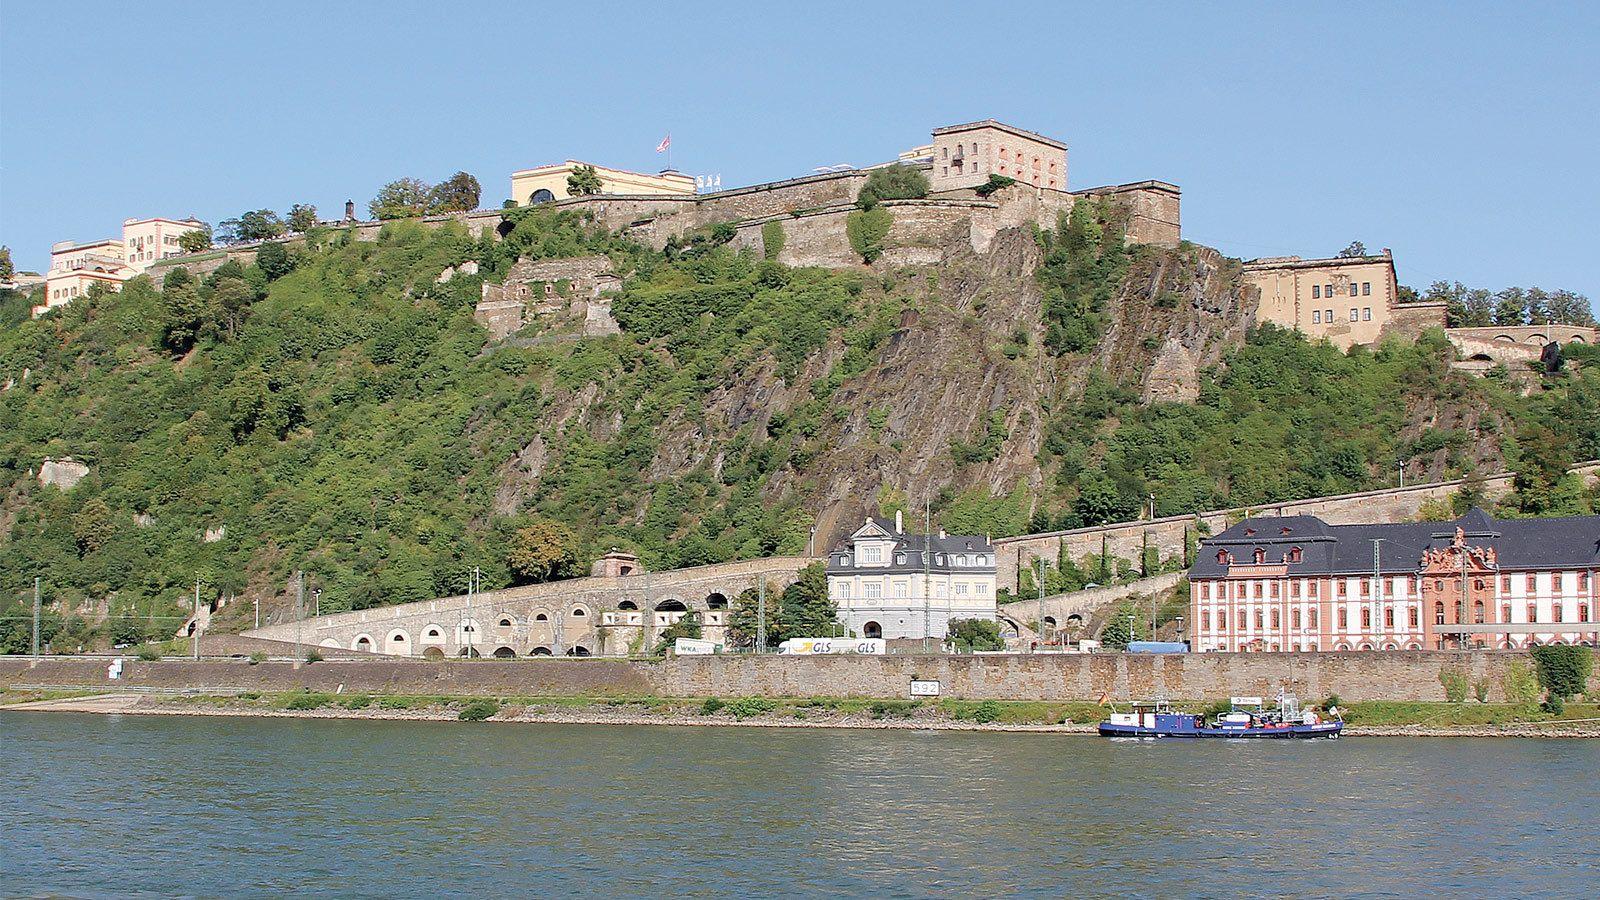 Ehrenbreitstein Fortress in Germany